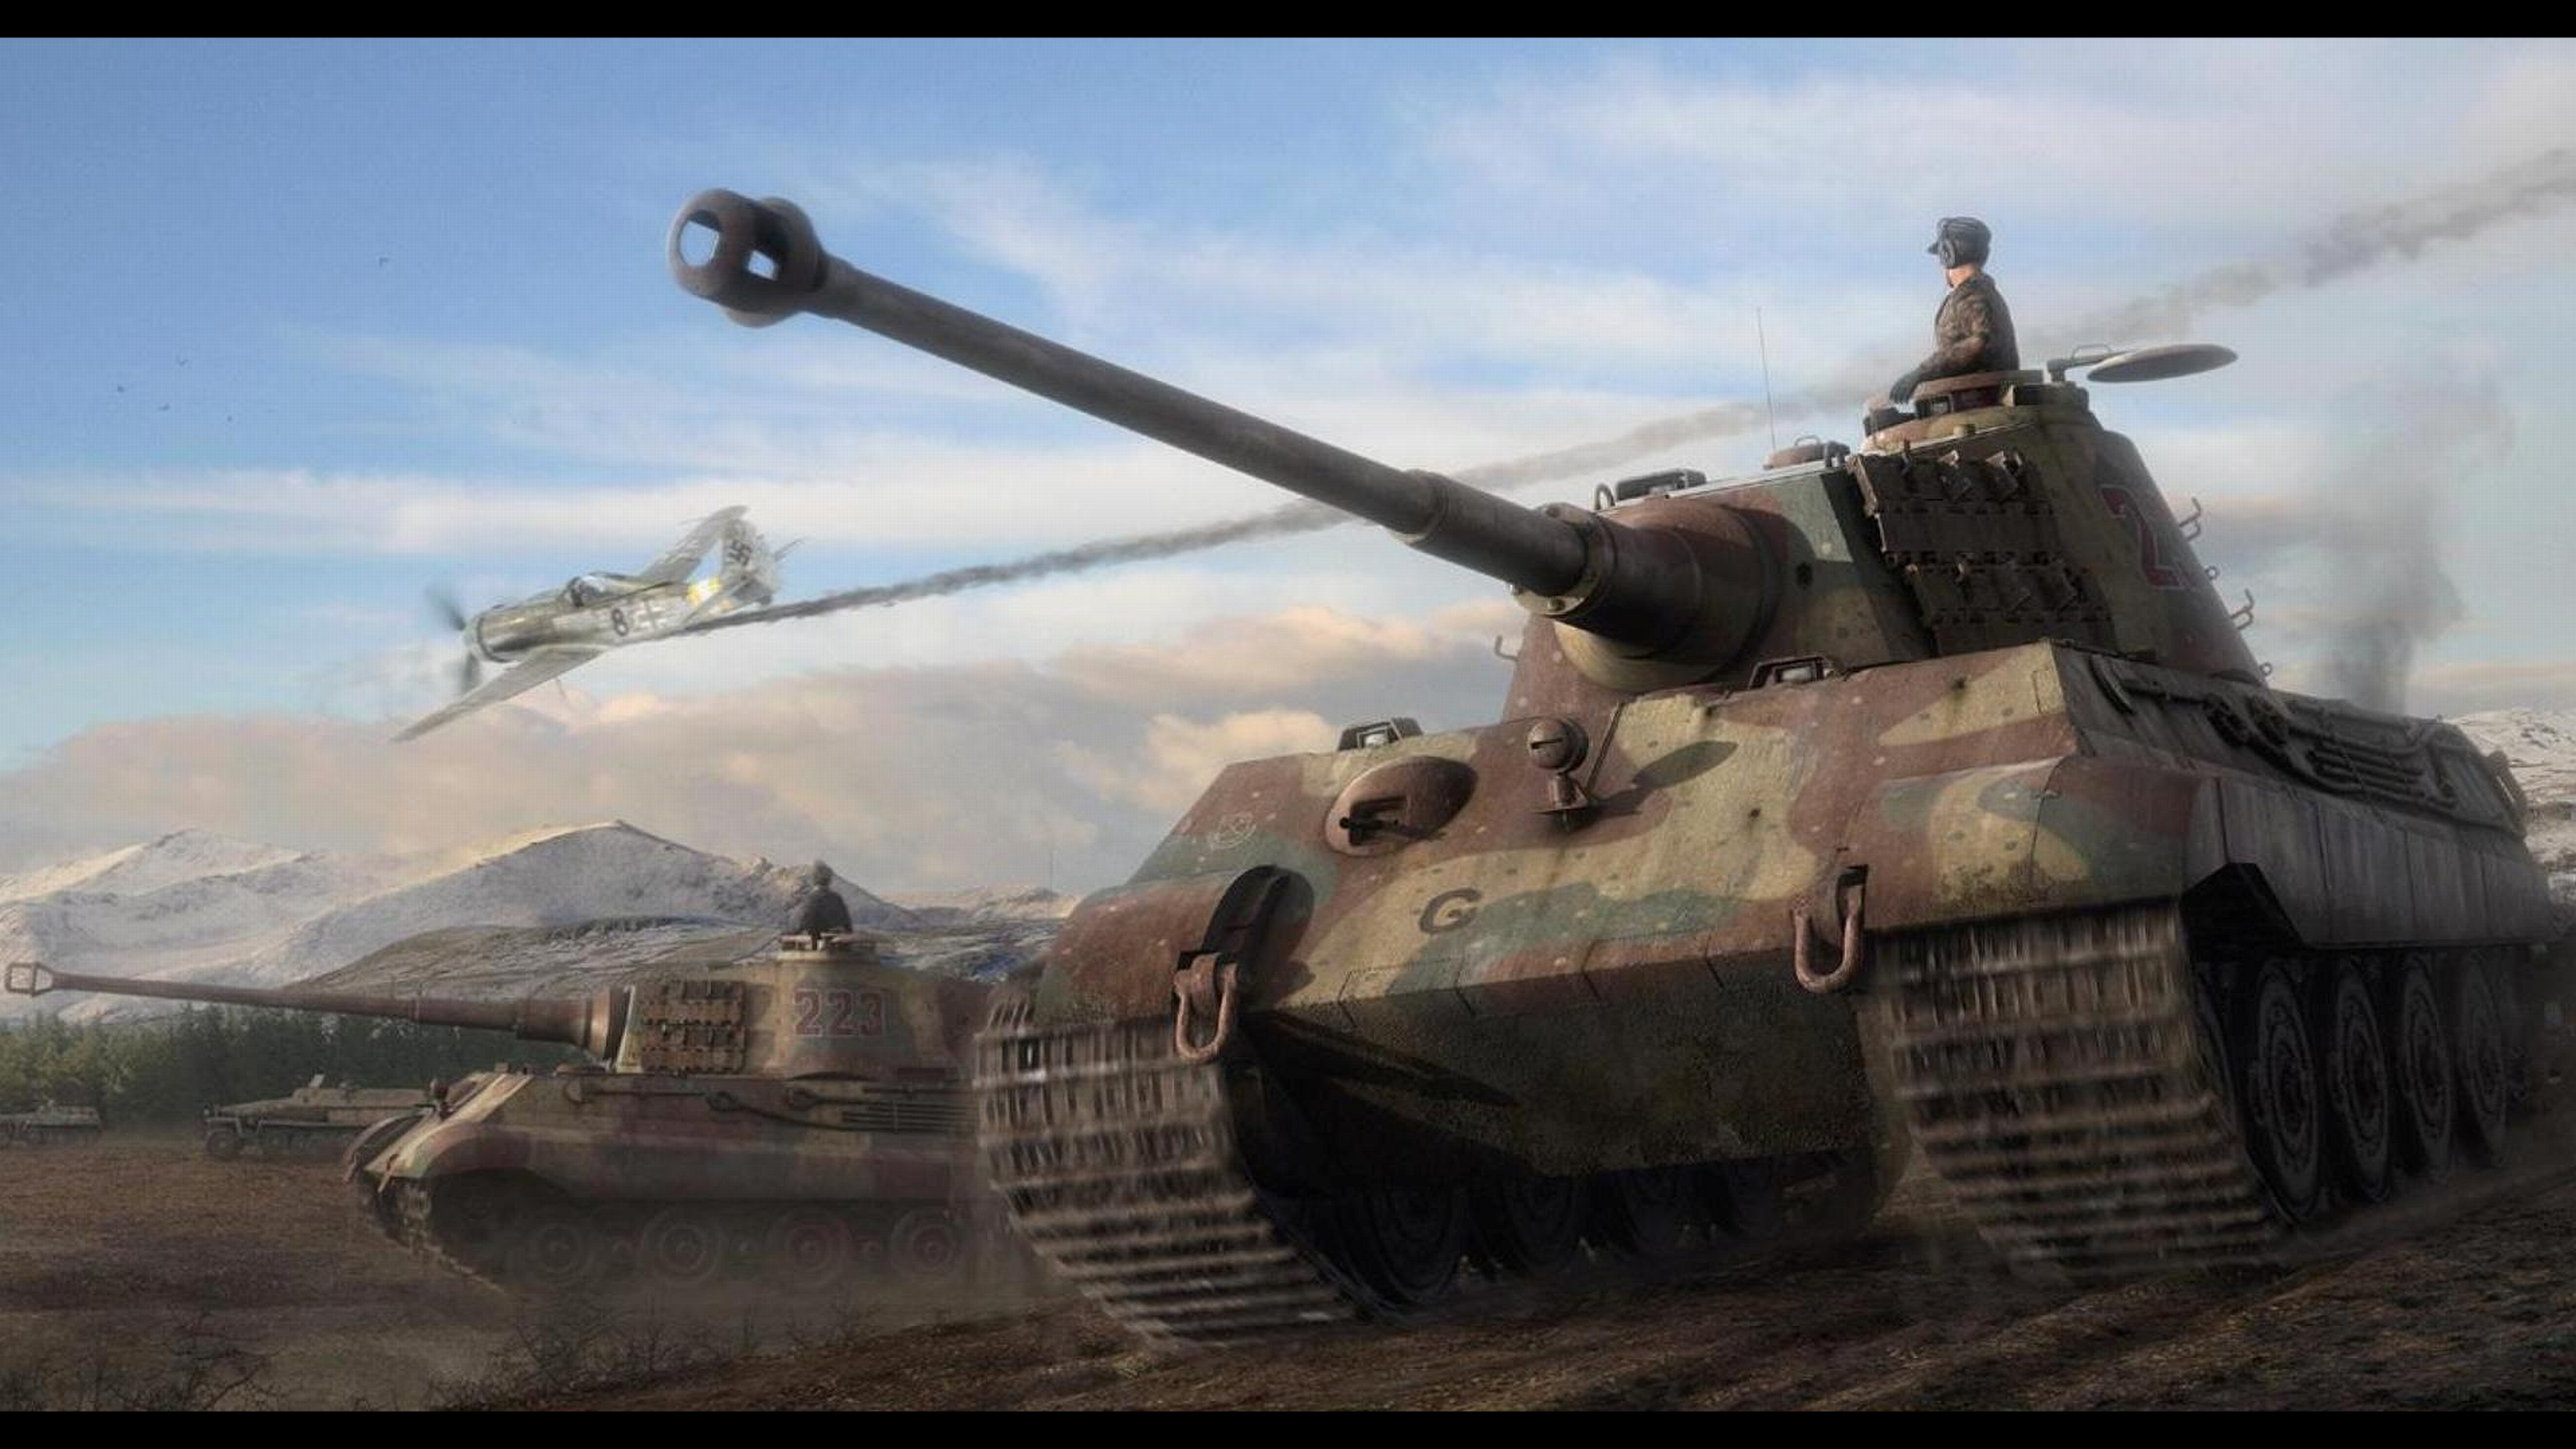 Custom Silk Photo Wallpaper Hd Military Tank Wall: Tank 4k Ultra HD Wallpaper